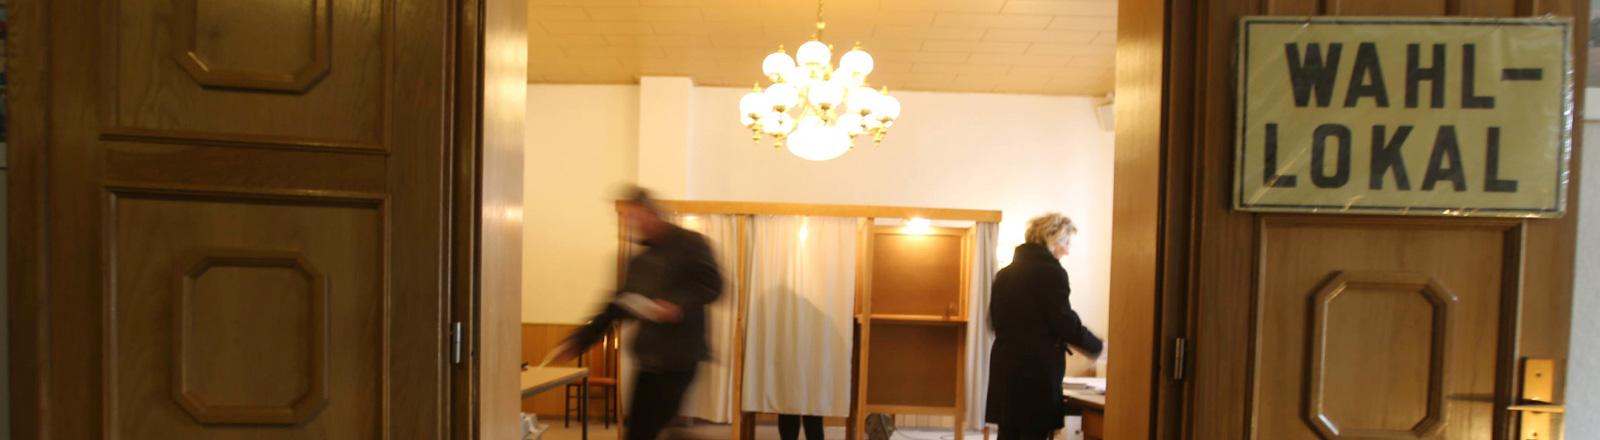 Blick in ein Wahllokal.